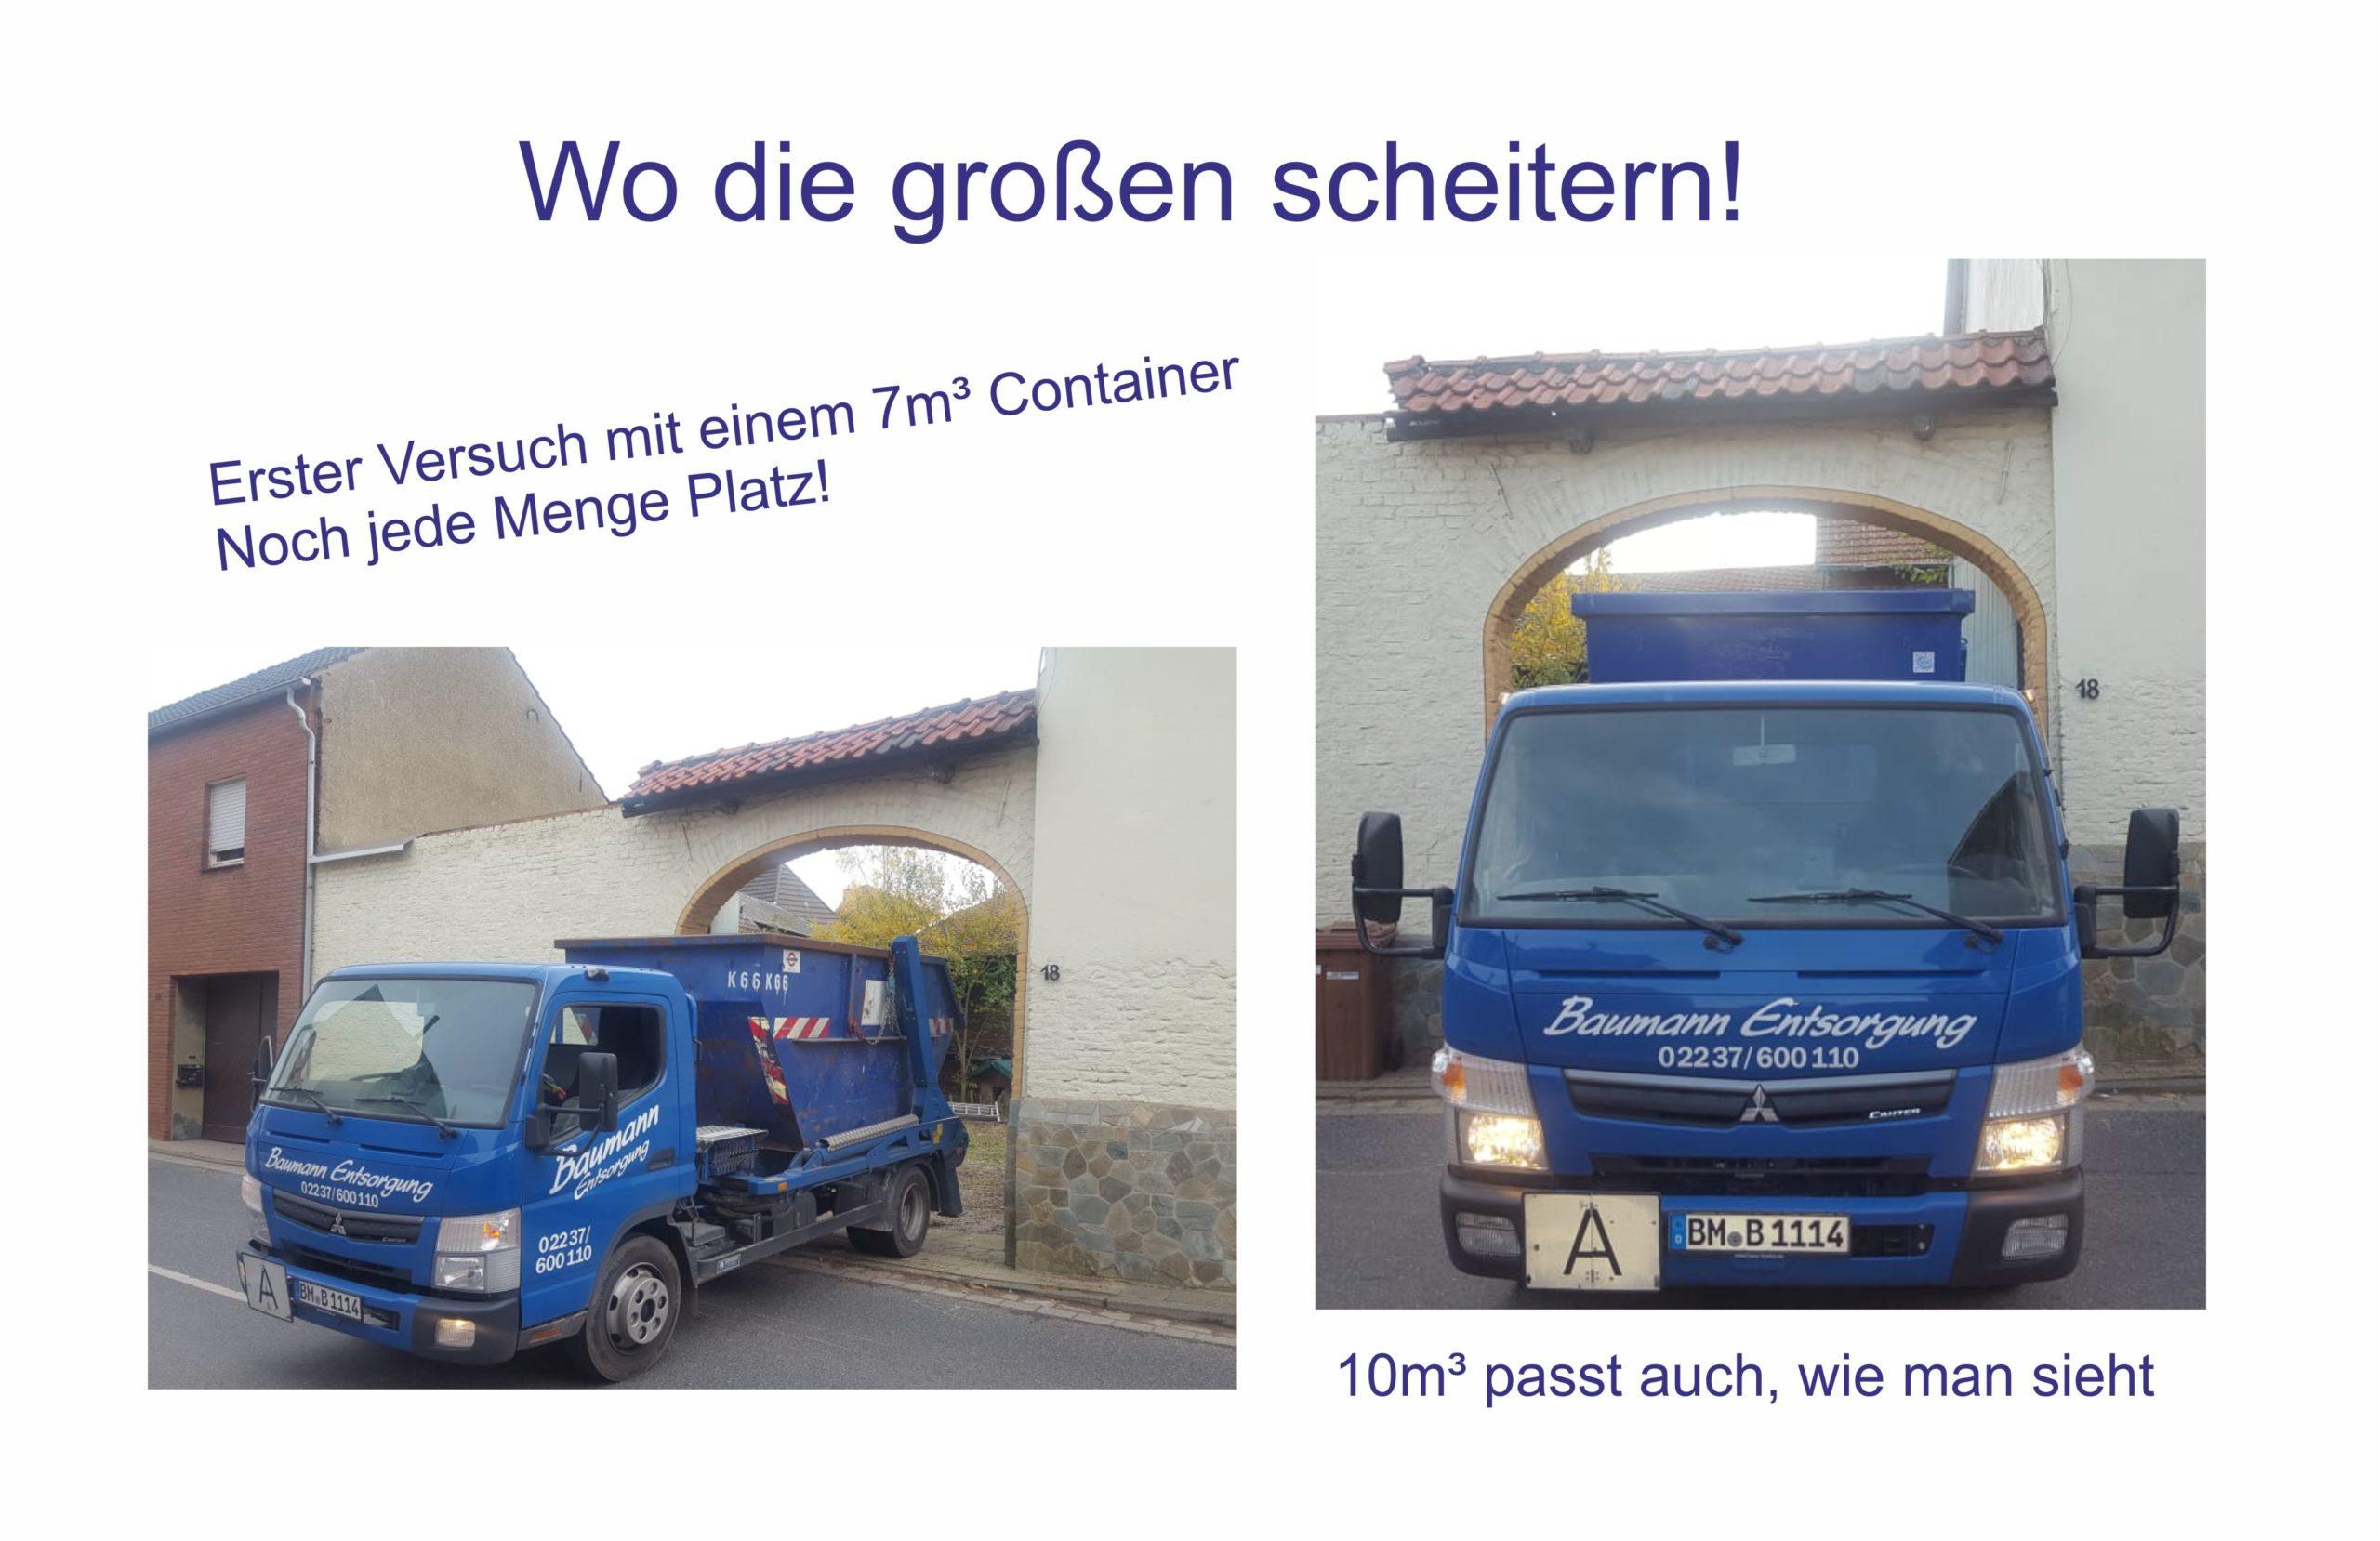 kleiner LKW für geringe Platzverhältnisse